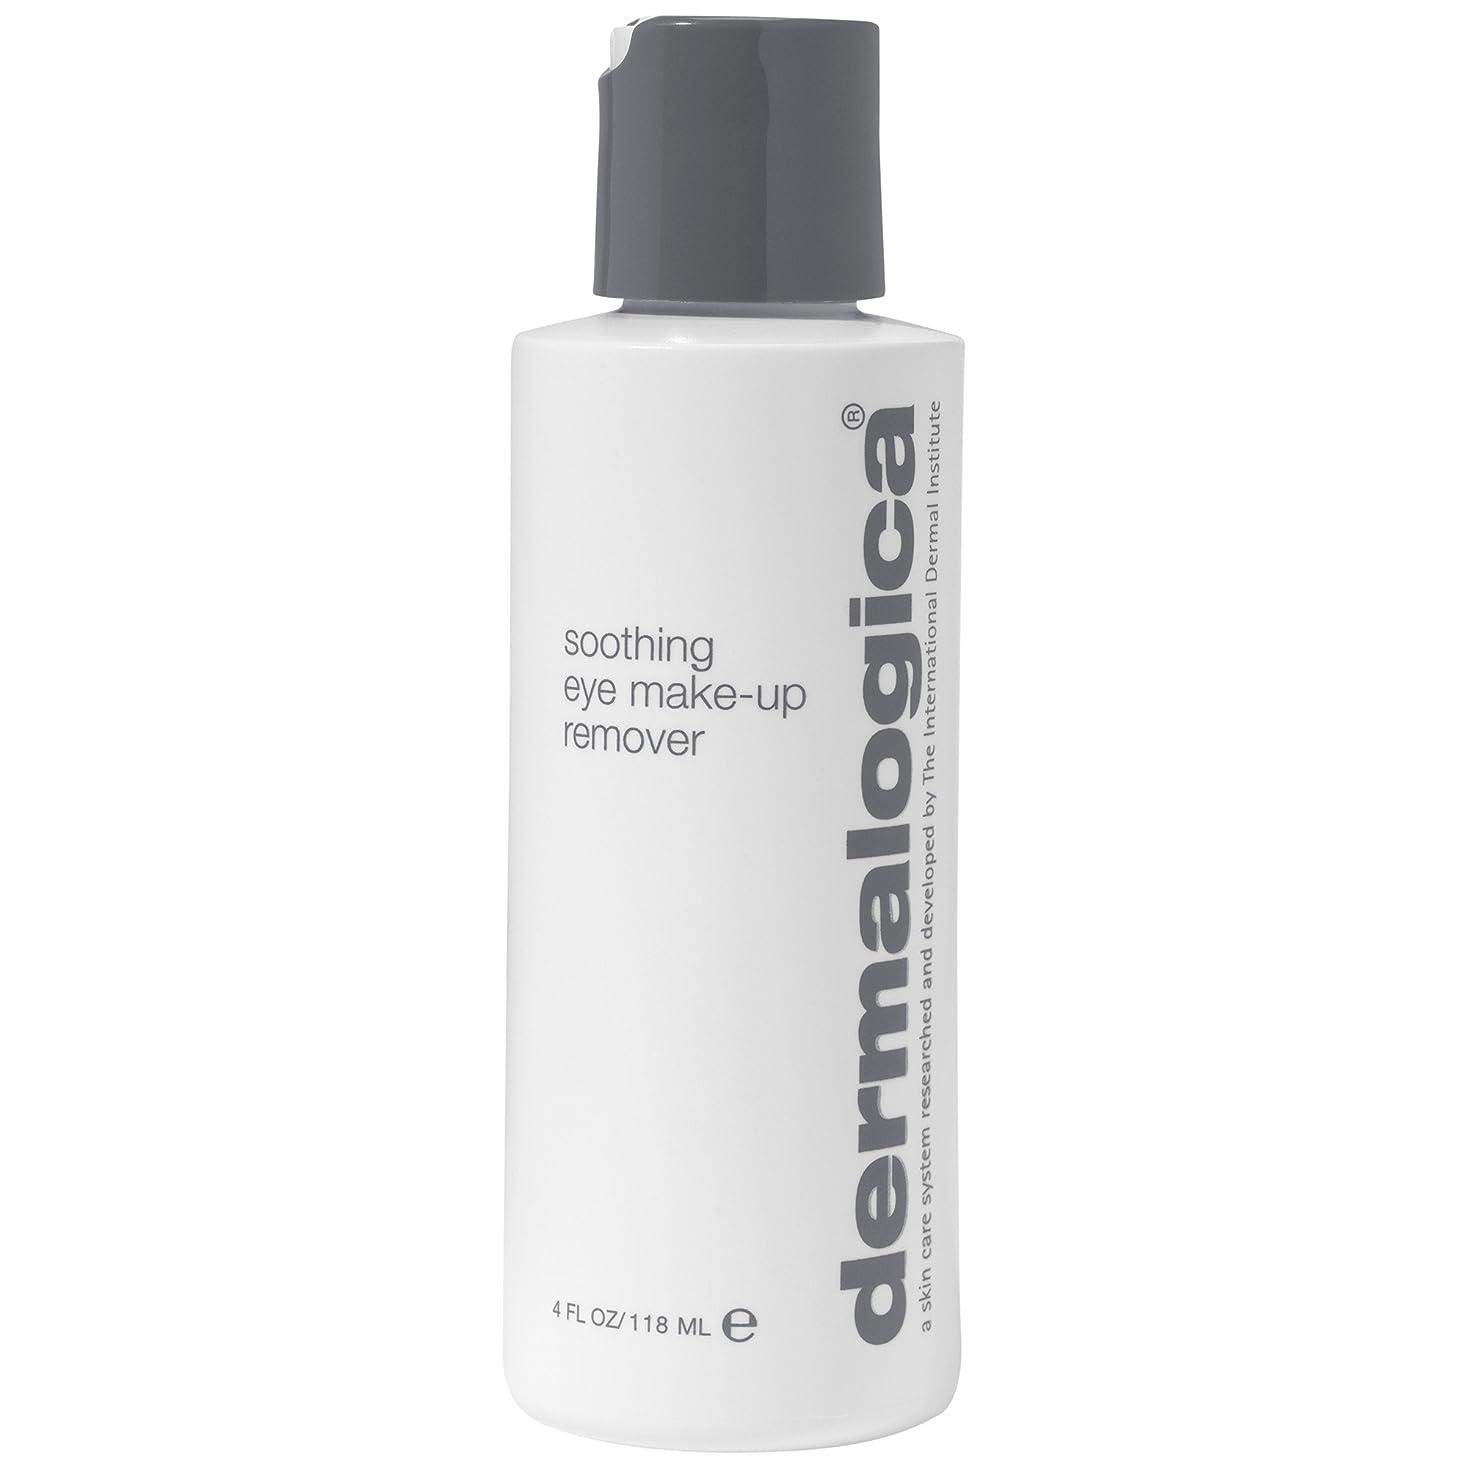 笑いフィルタ累計ダーマロジカなだめるアイメイクアップリムーバーの118ミリリットル (Dermalogica) (x2) - Dermalogica Soothing Eye Makeup Remover 118ml (Pack of 2) [並行輸入品]